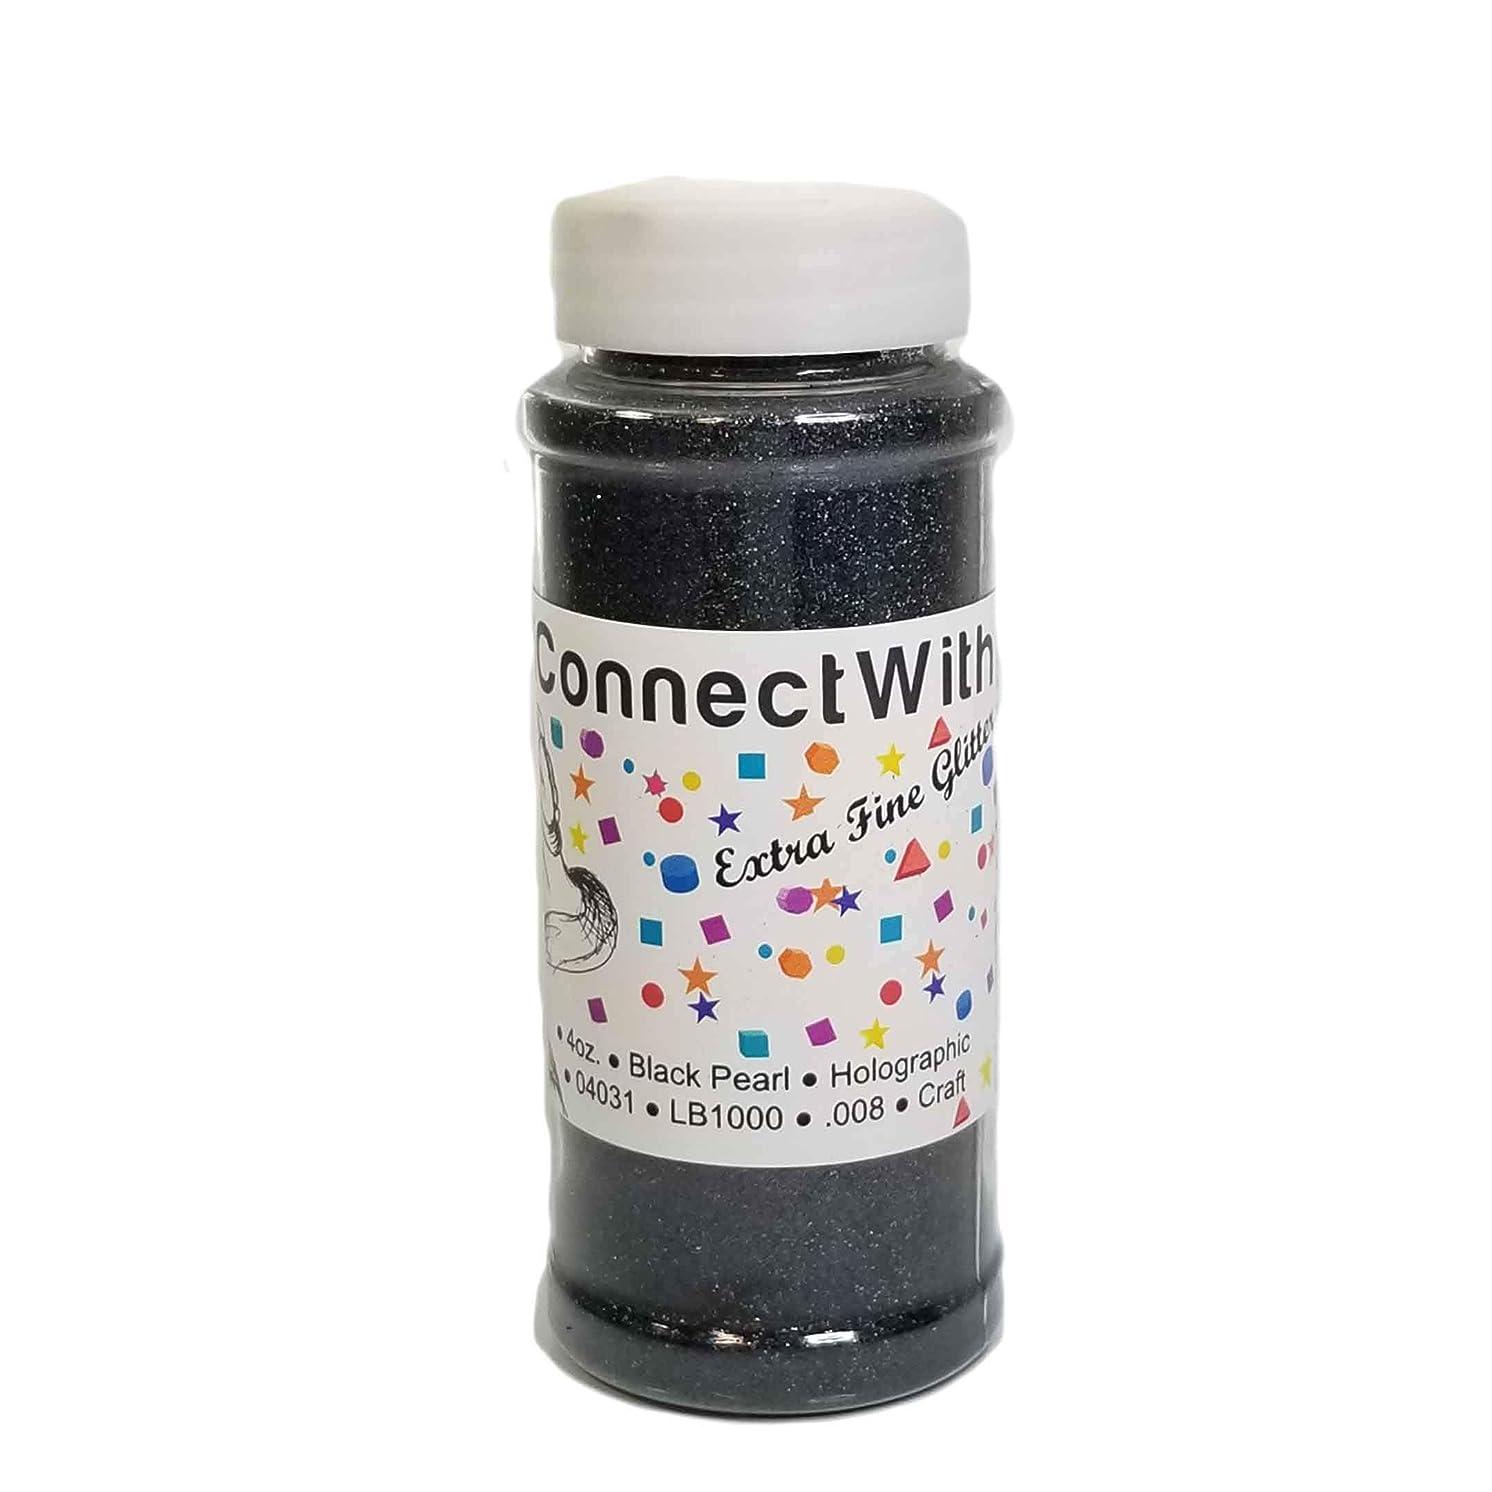 Black Pearl, Extra Fine Glitter, 4oz Shaker Bottle, Holographic Glitter